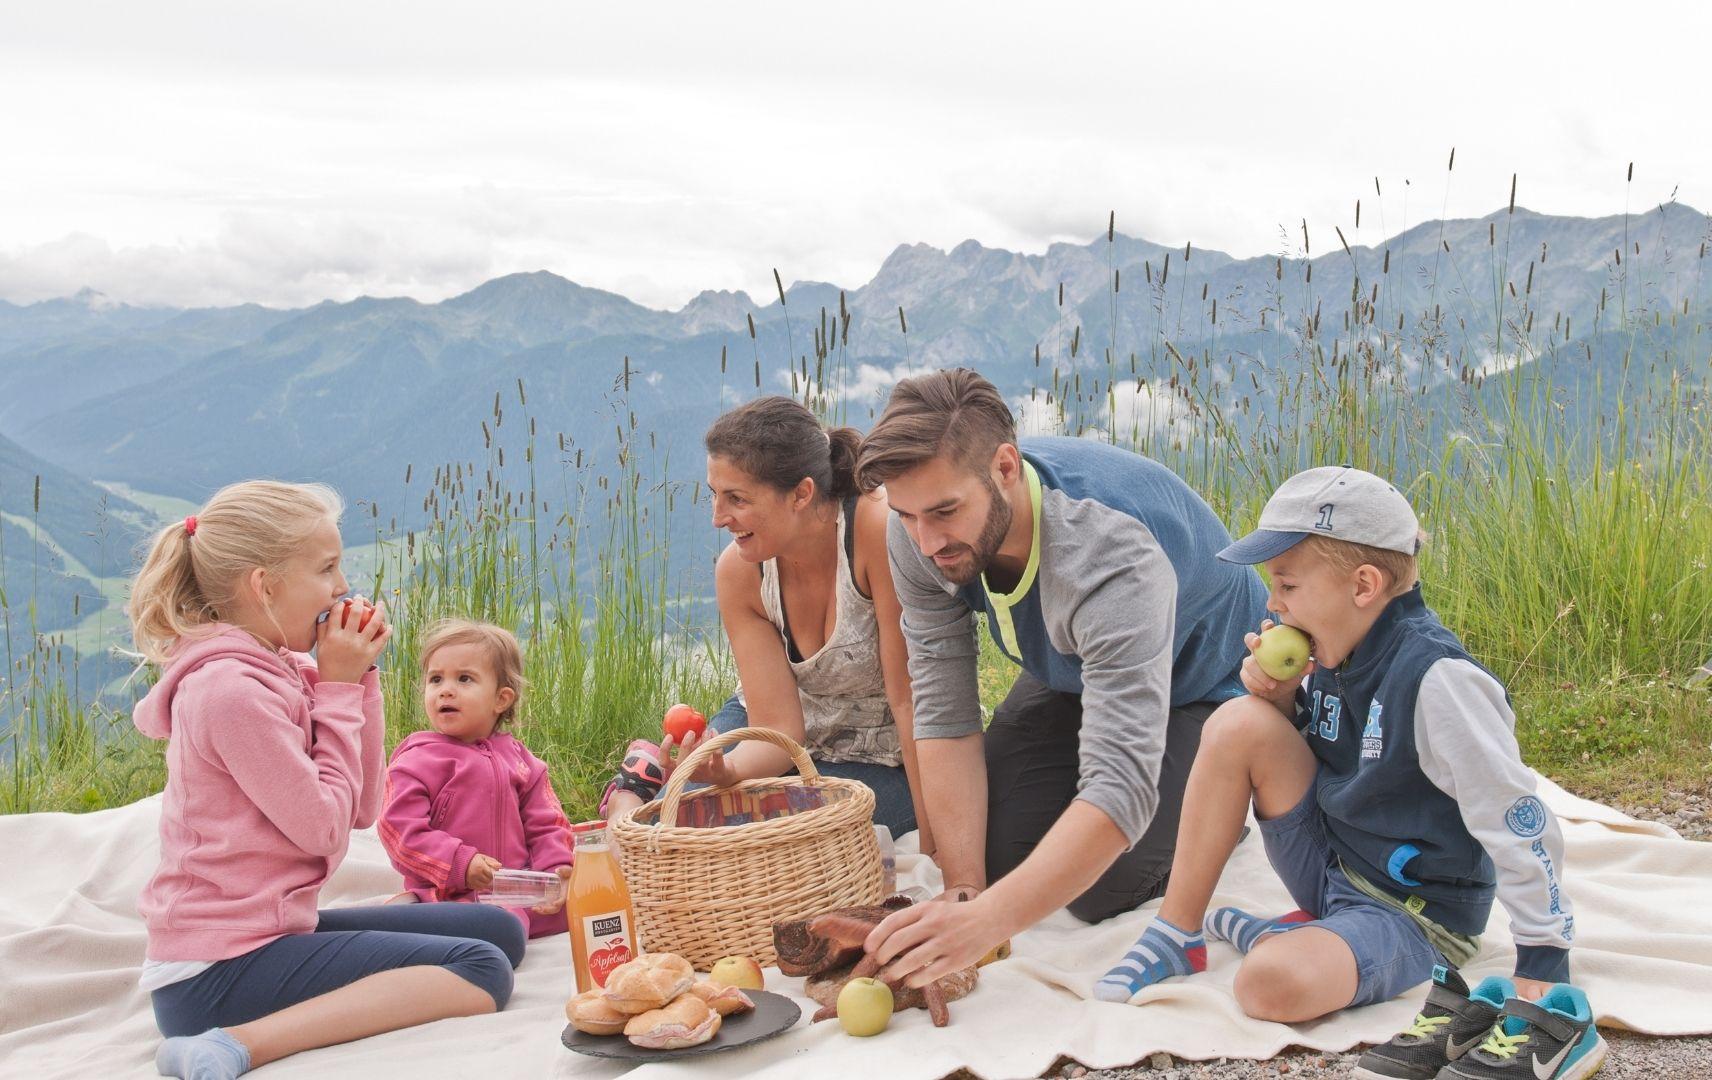 Familie sitzt auf Decke mit Picknick Korb